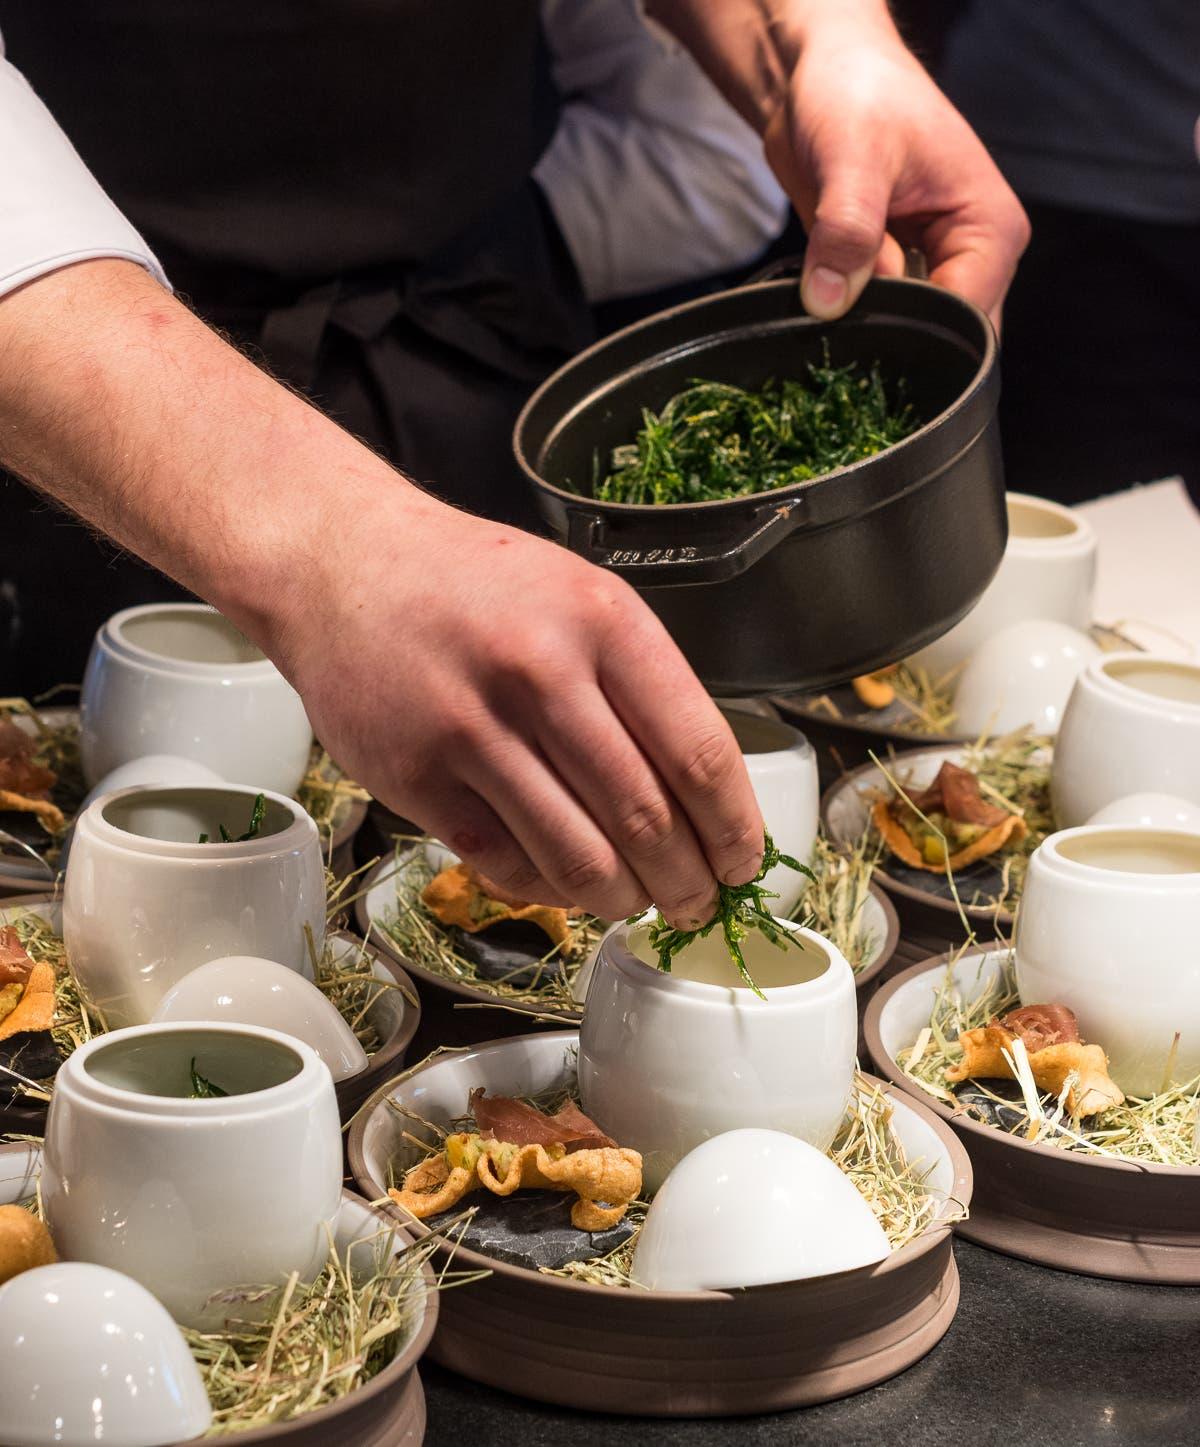 Hand füllt weiße Behälter auf Teller mit Gerichten